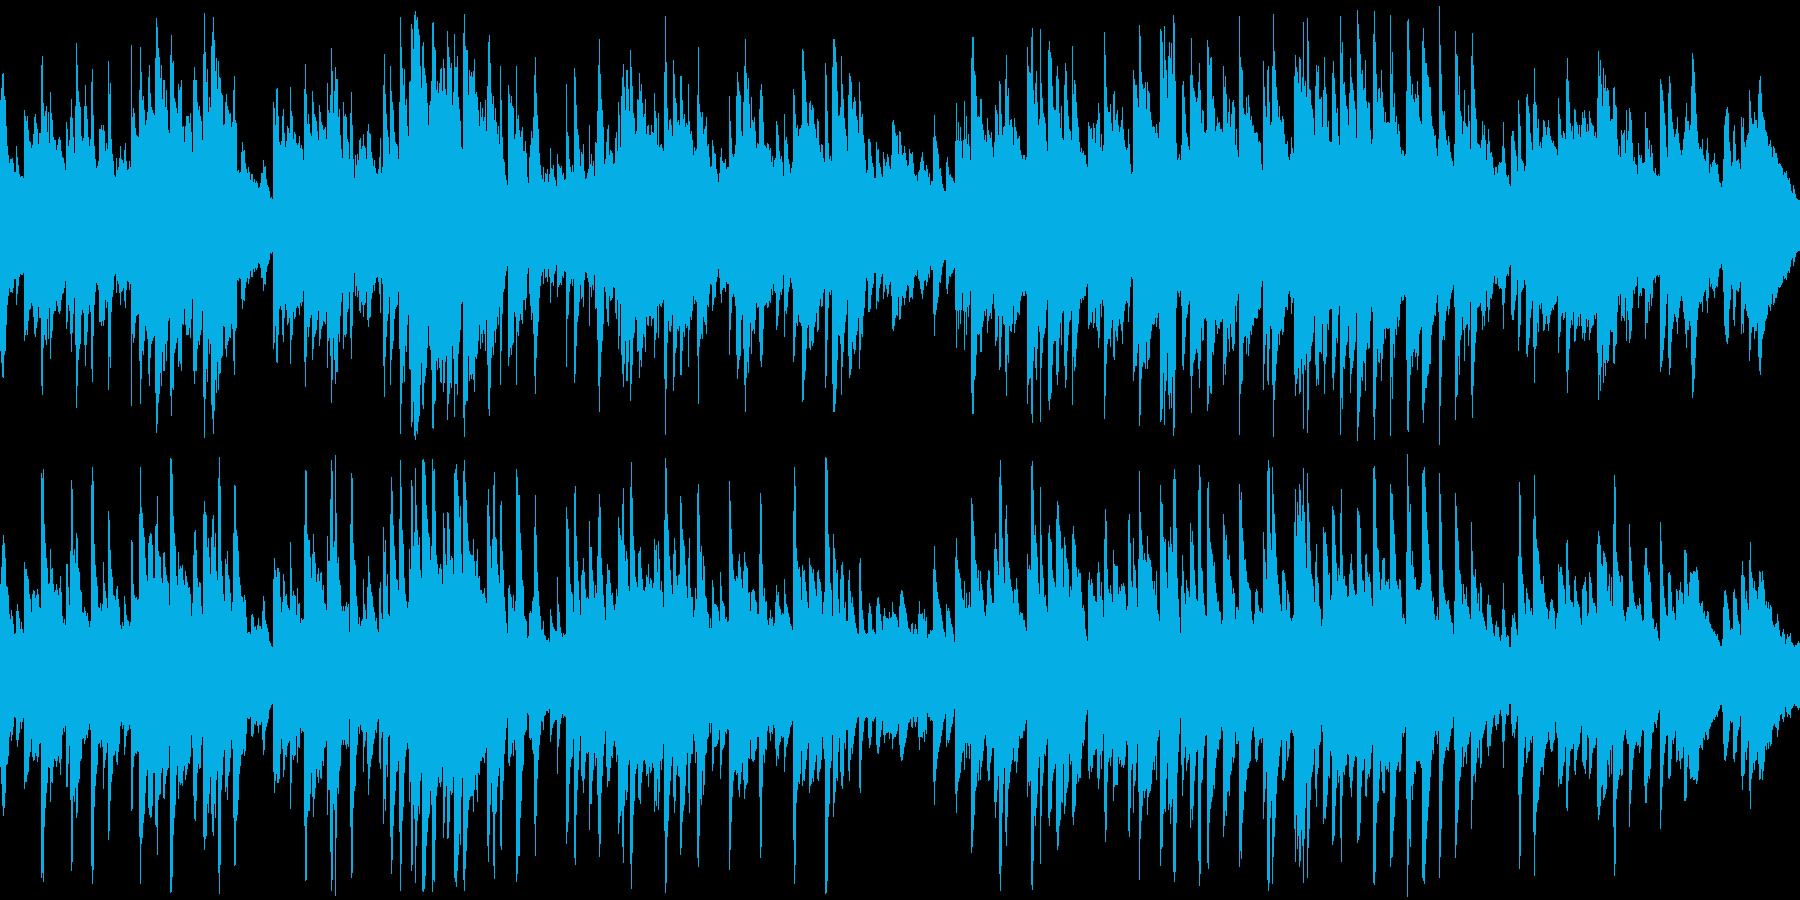 ピアノメインの優しい爽やかBGMの再生済みの波形